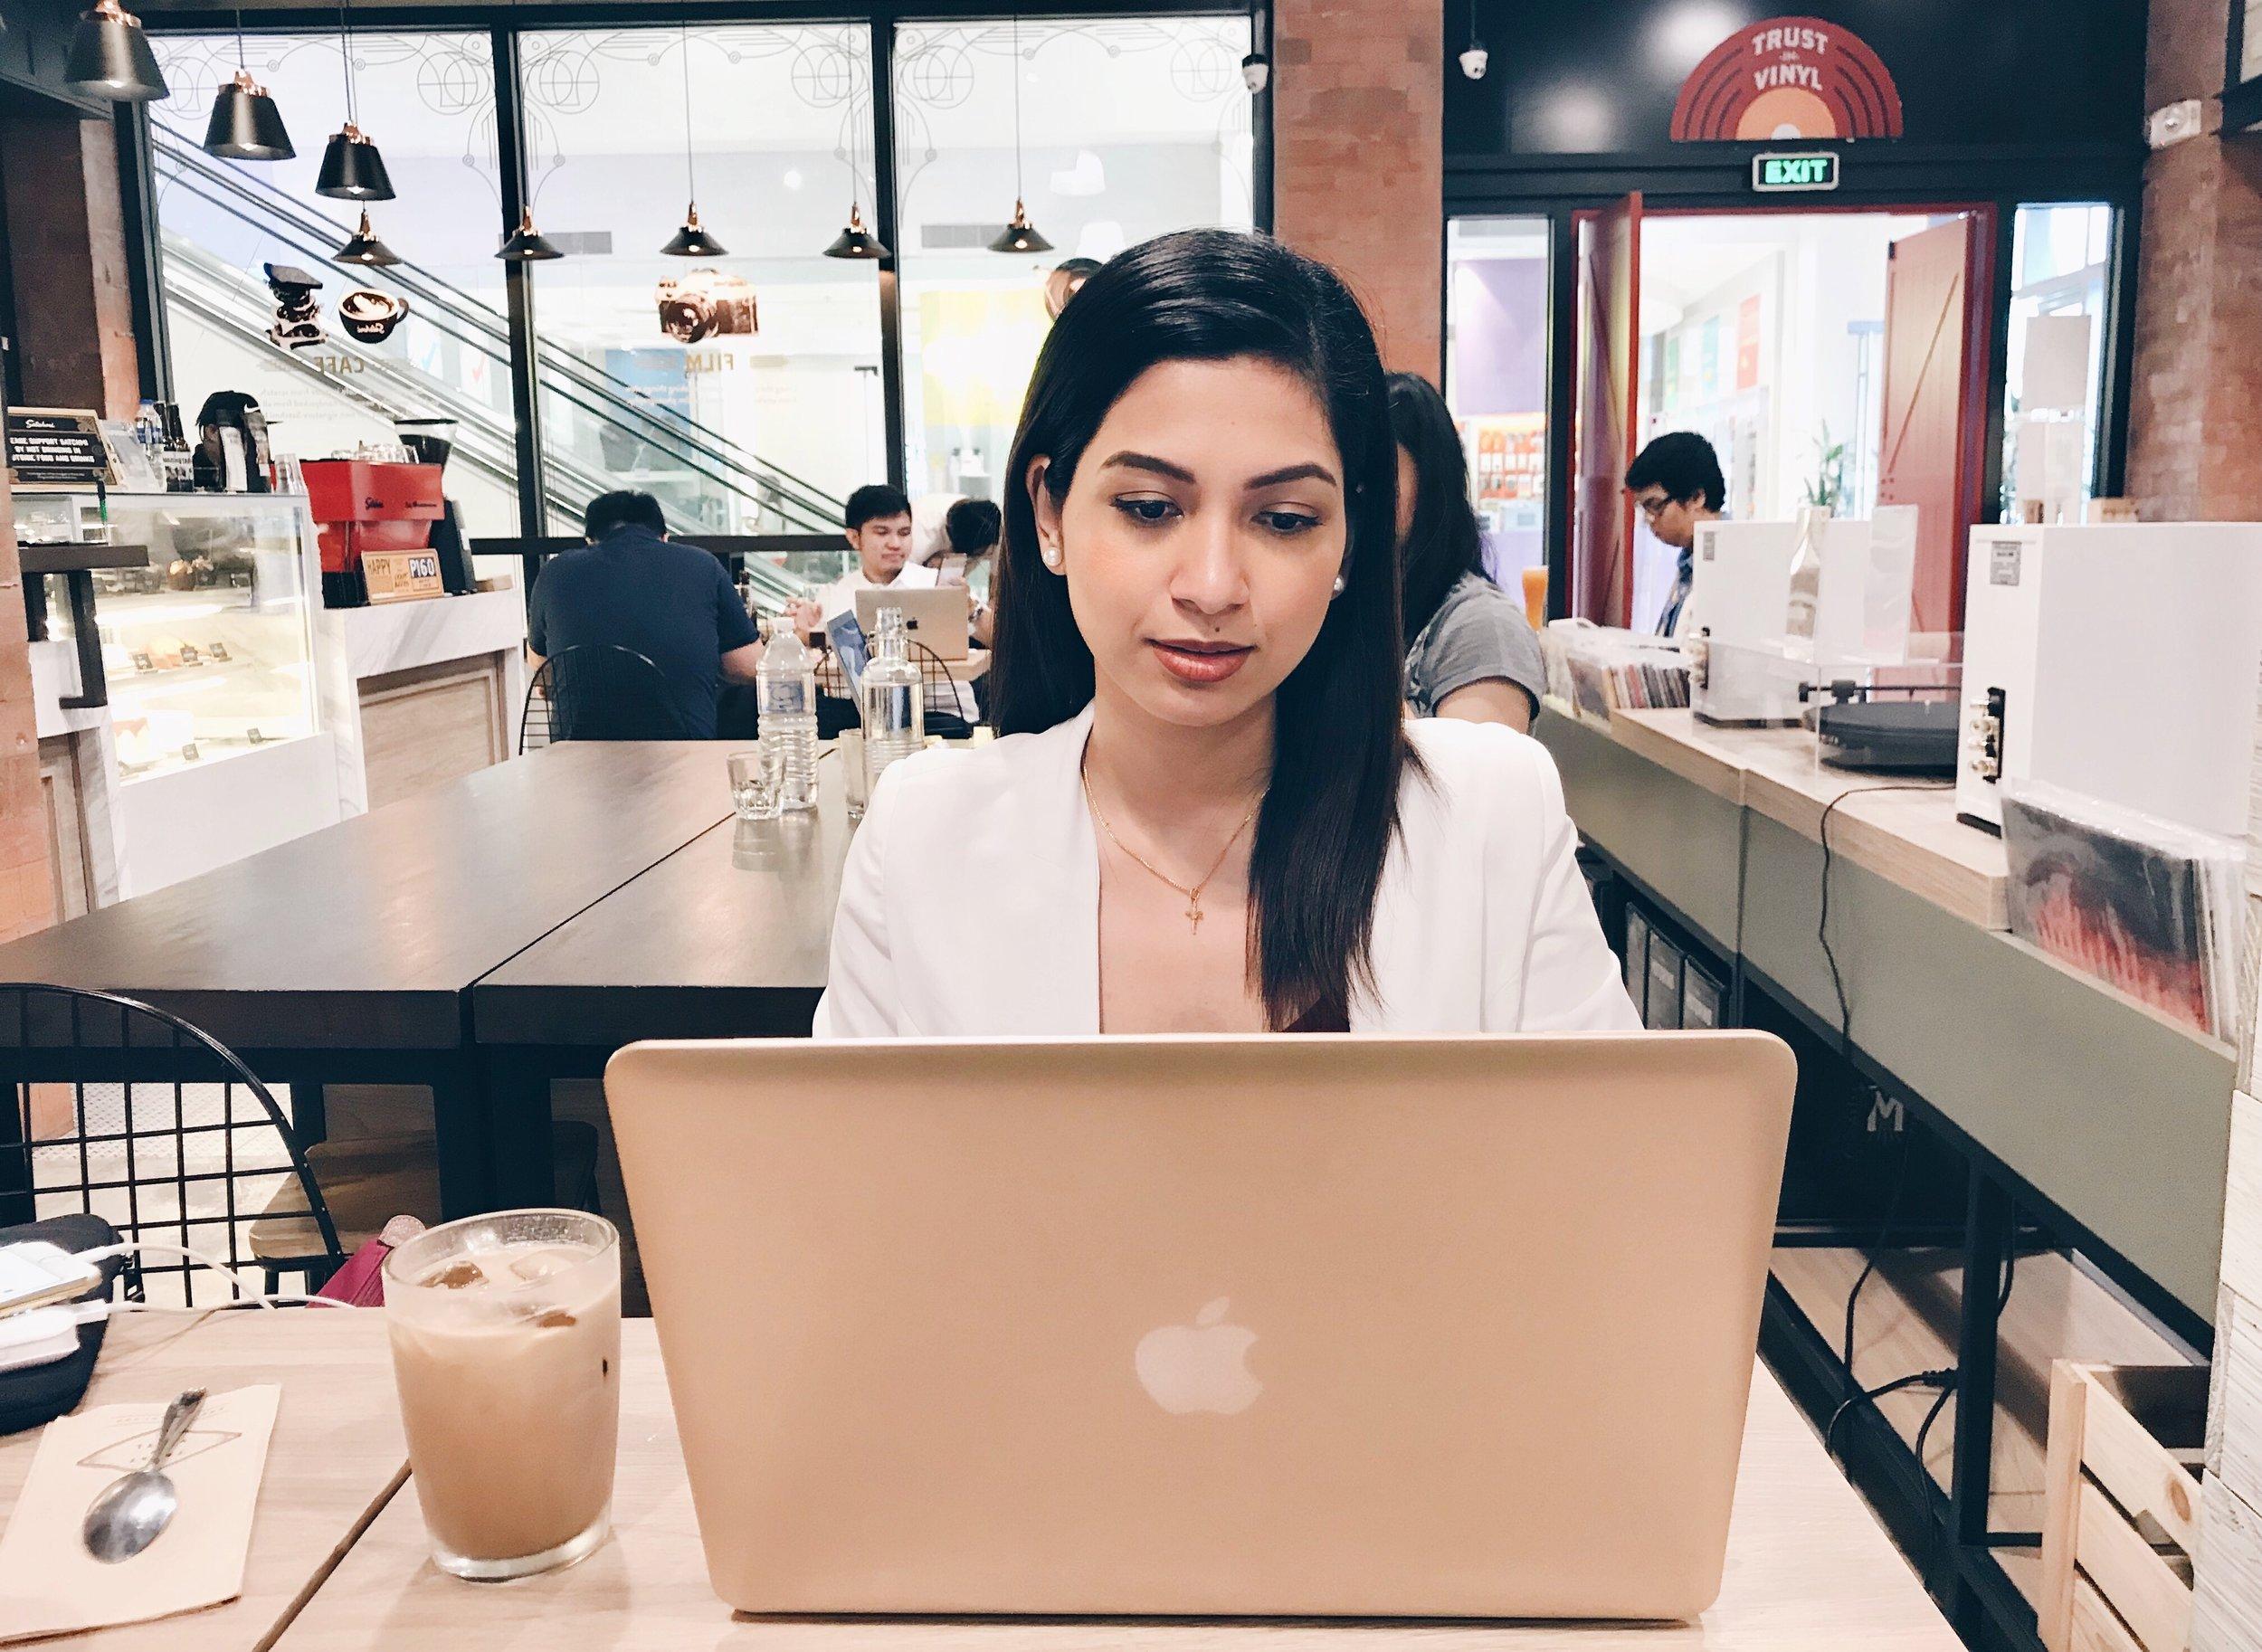 roxci working cafe.jpg